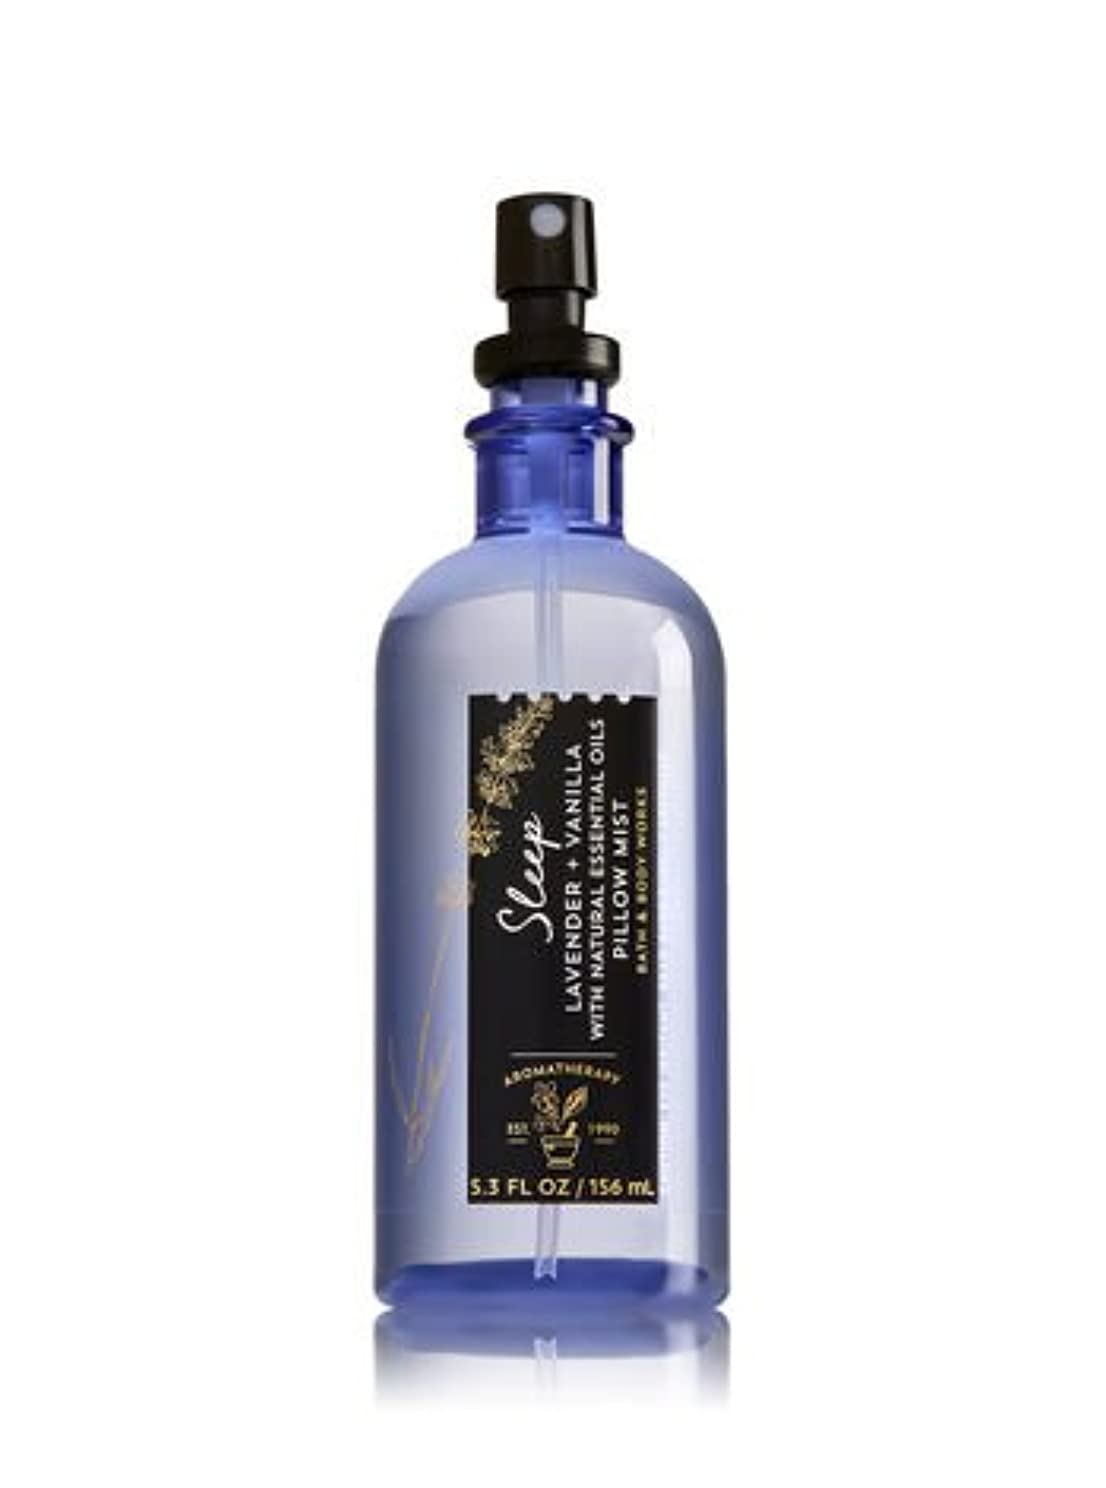 りんご家提唱する【Bath&Body Works/バス&ボディワークス】 ピローミスト アロマセラピー スリープ ラベンダーバニラ Aromatherapy Pillow Mist Sleep Lavender Vanilla 5.3 fl oz / 156 mL [並行輸入品]